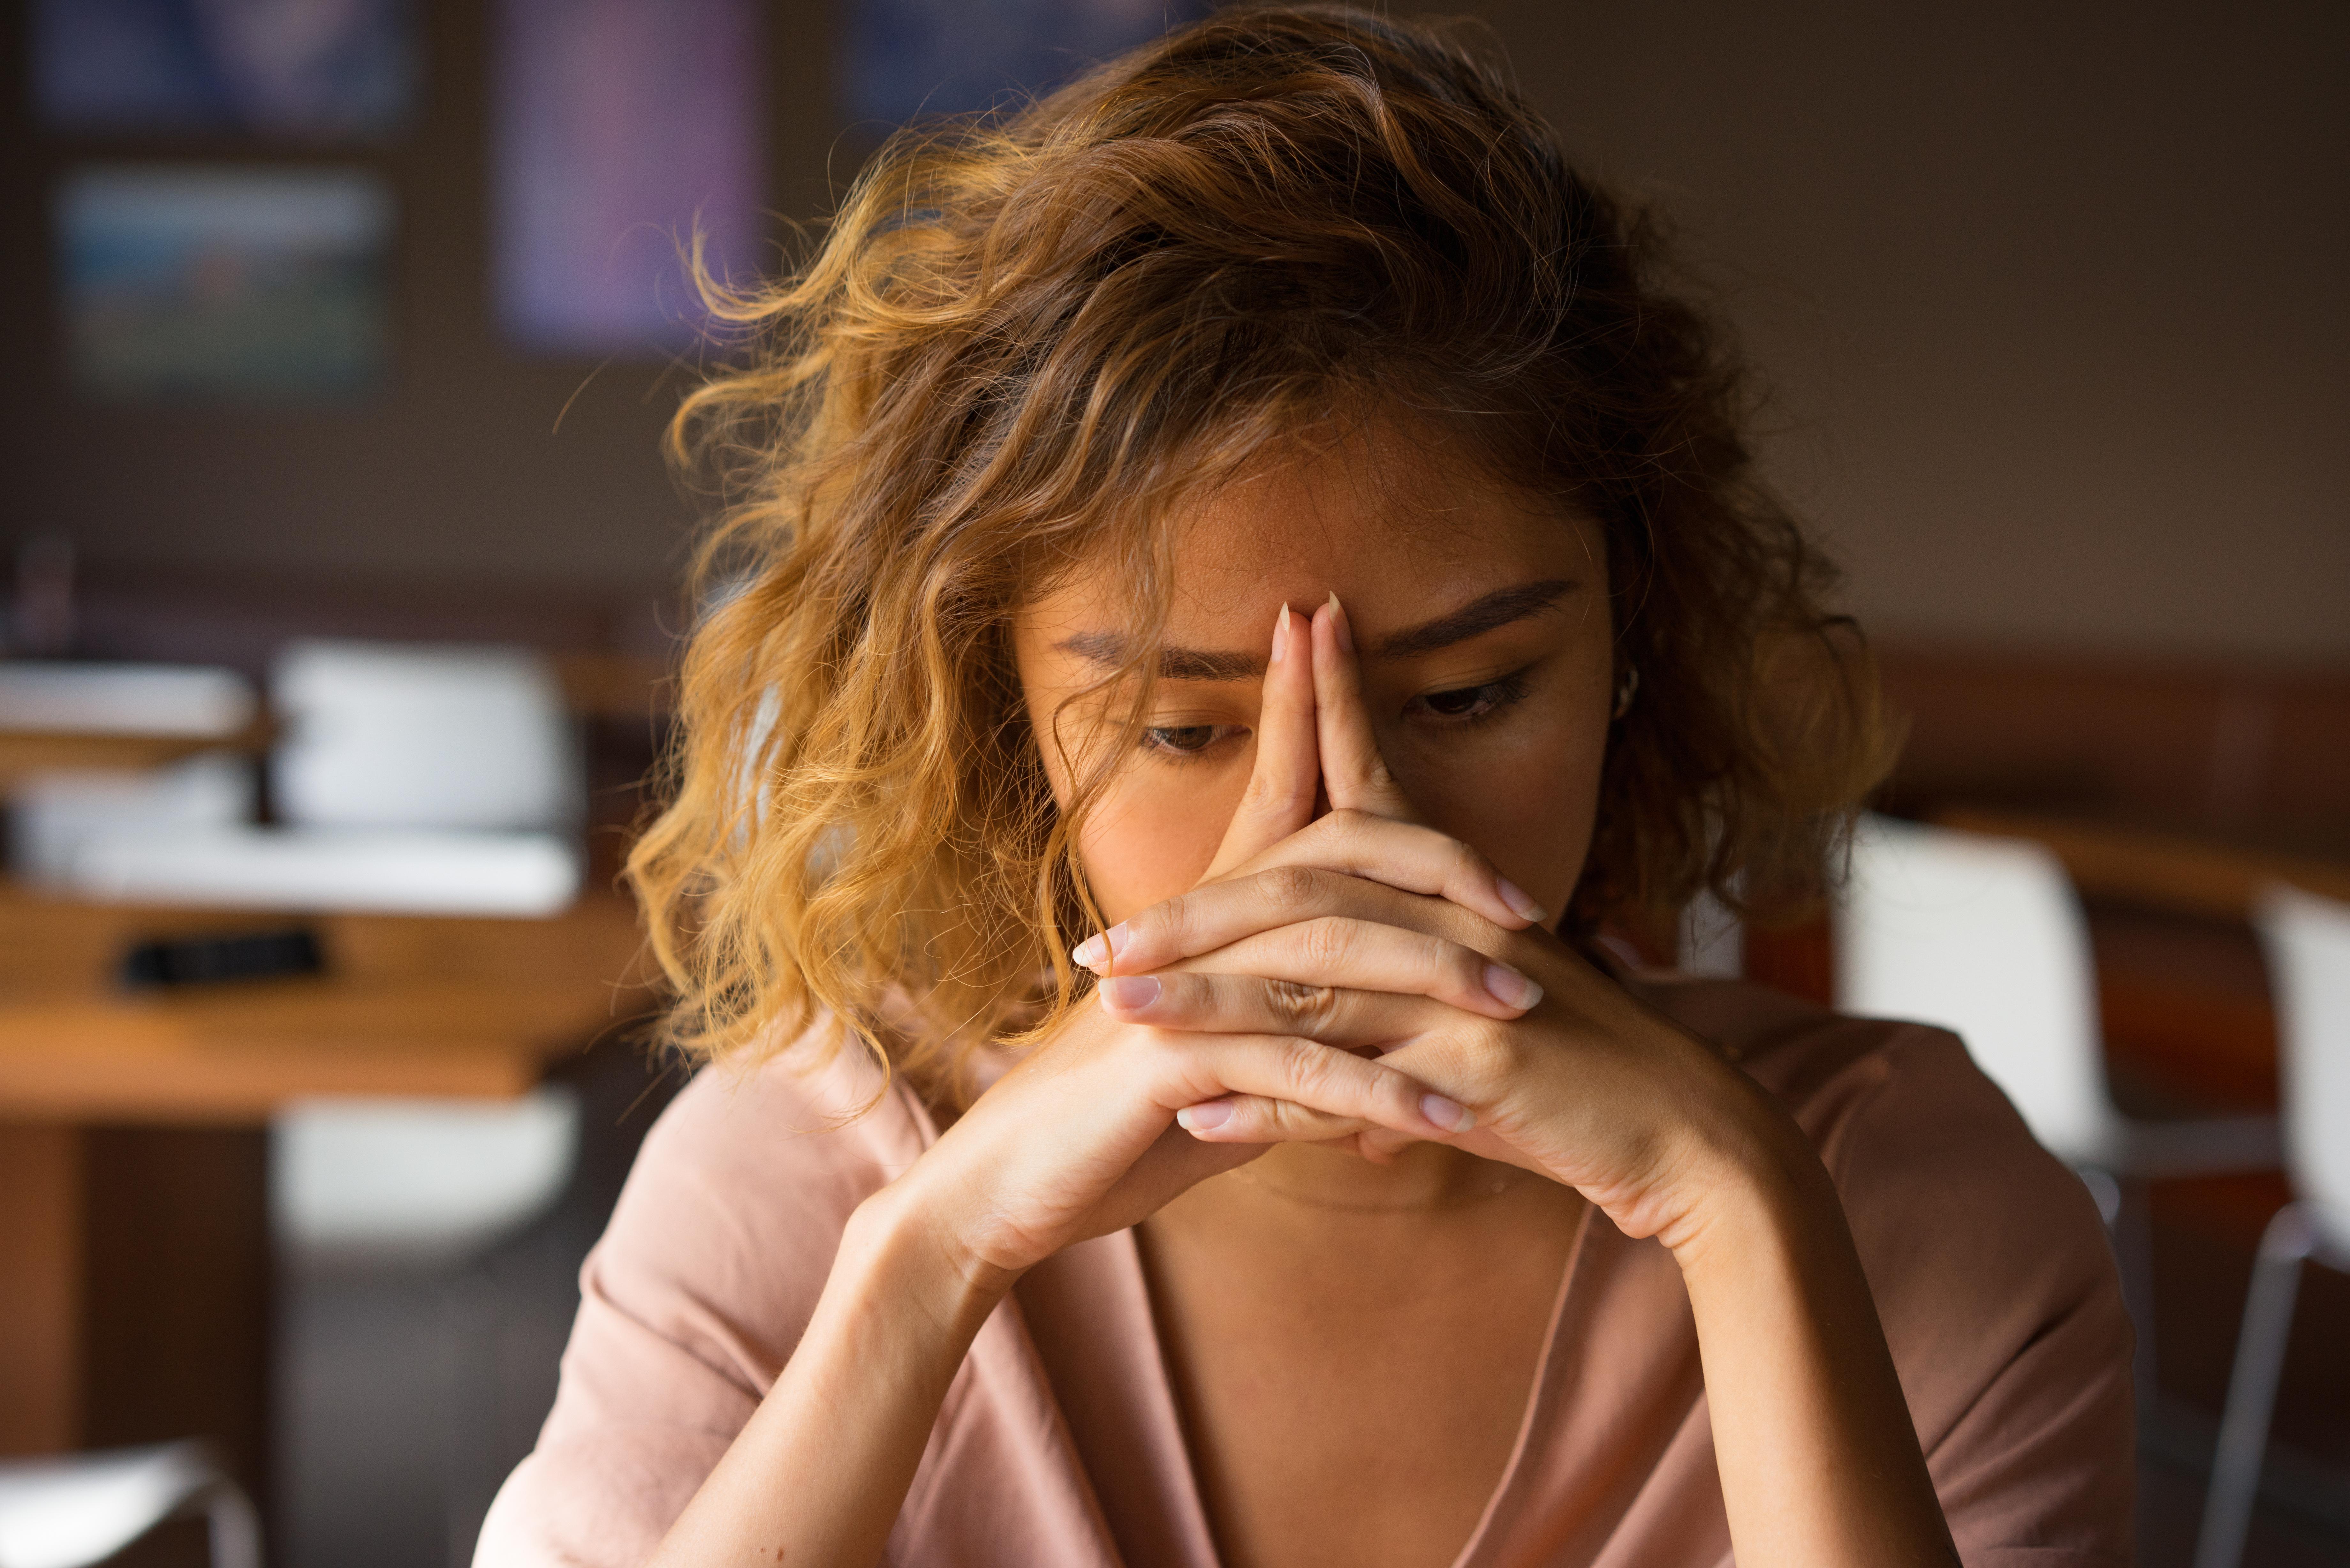 Müde – Depressiv – Nachdenklich